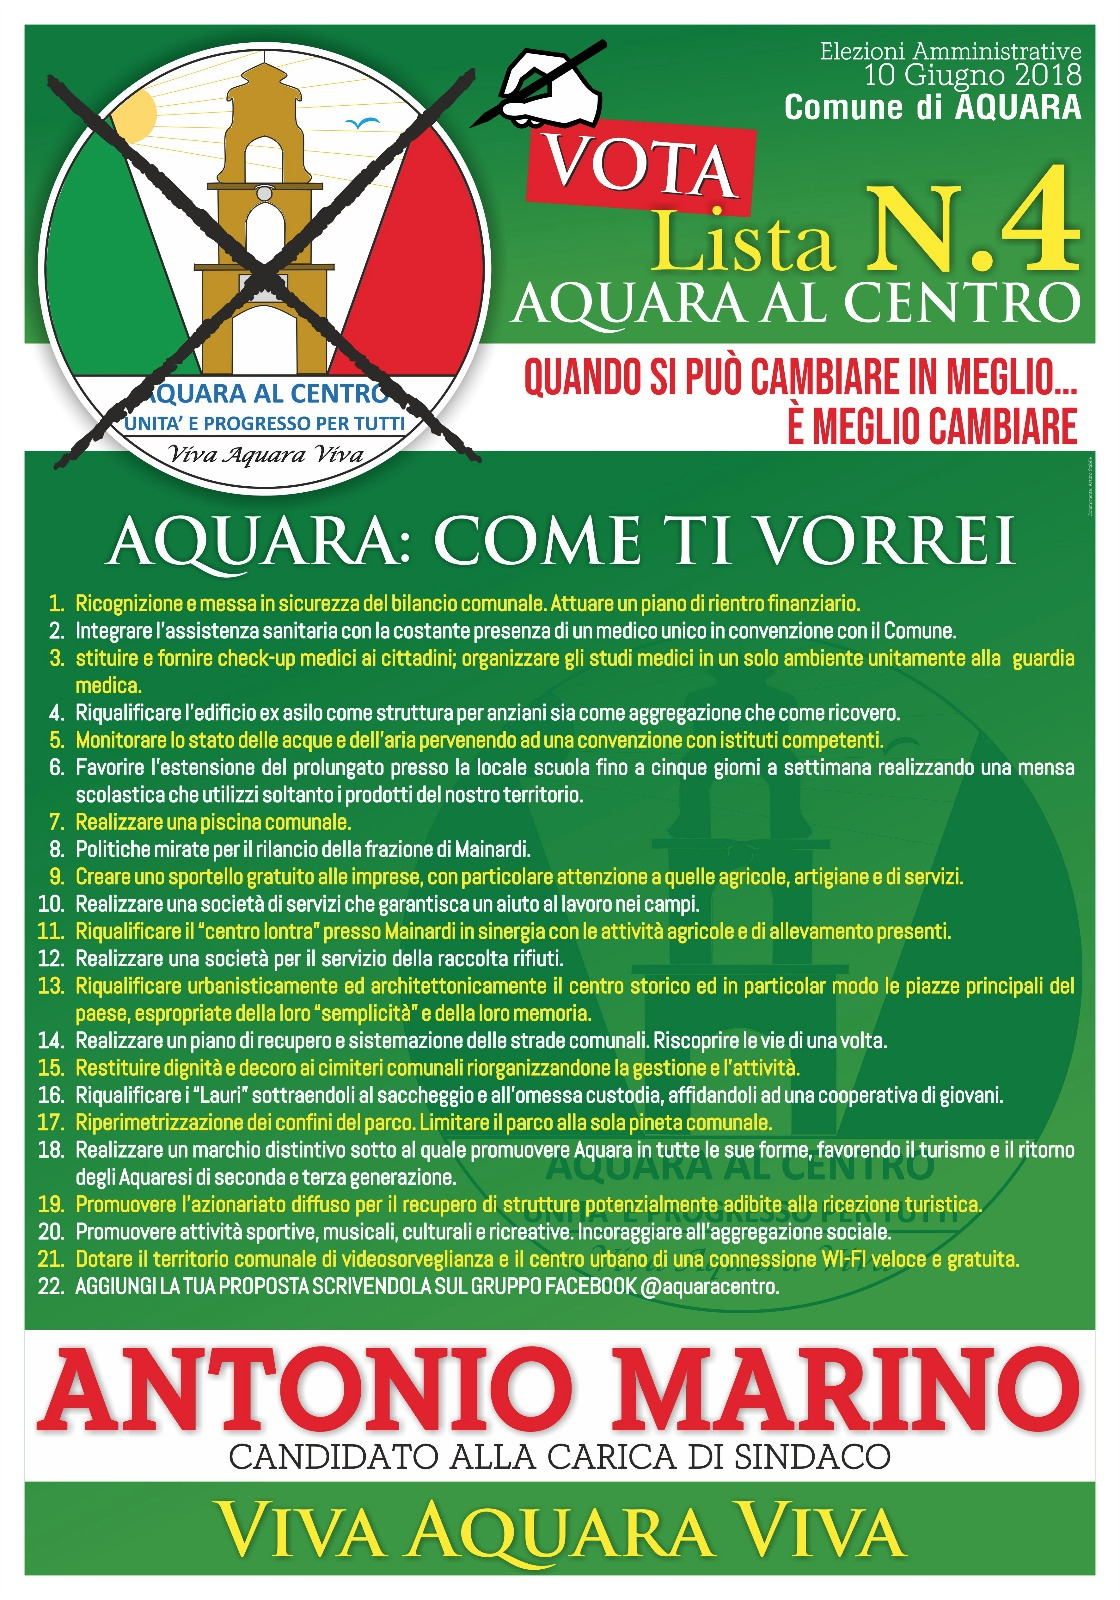 elezioni Aquara-programma candidato Marino